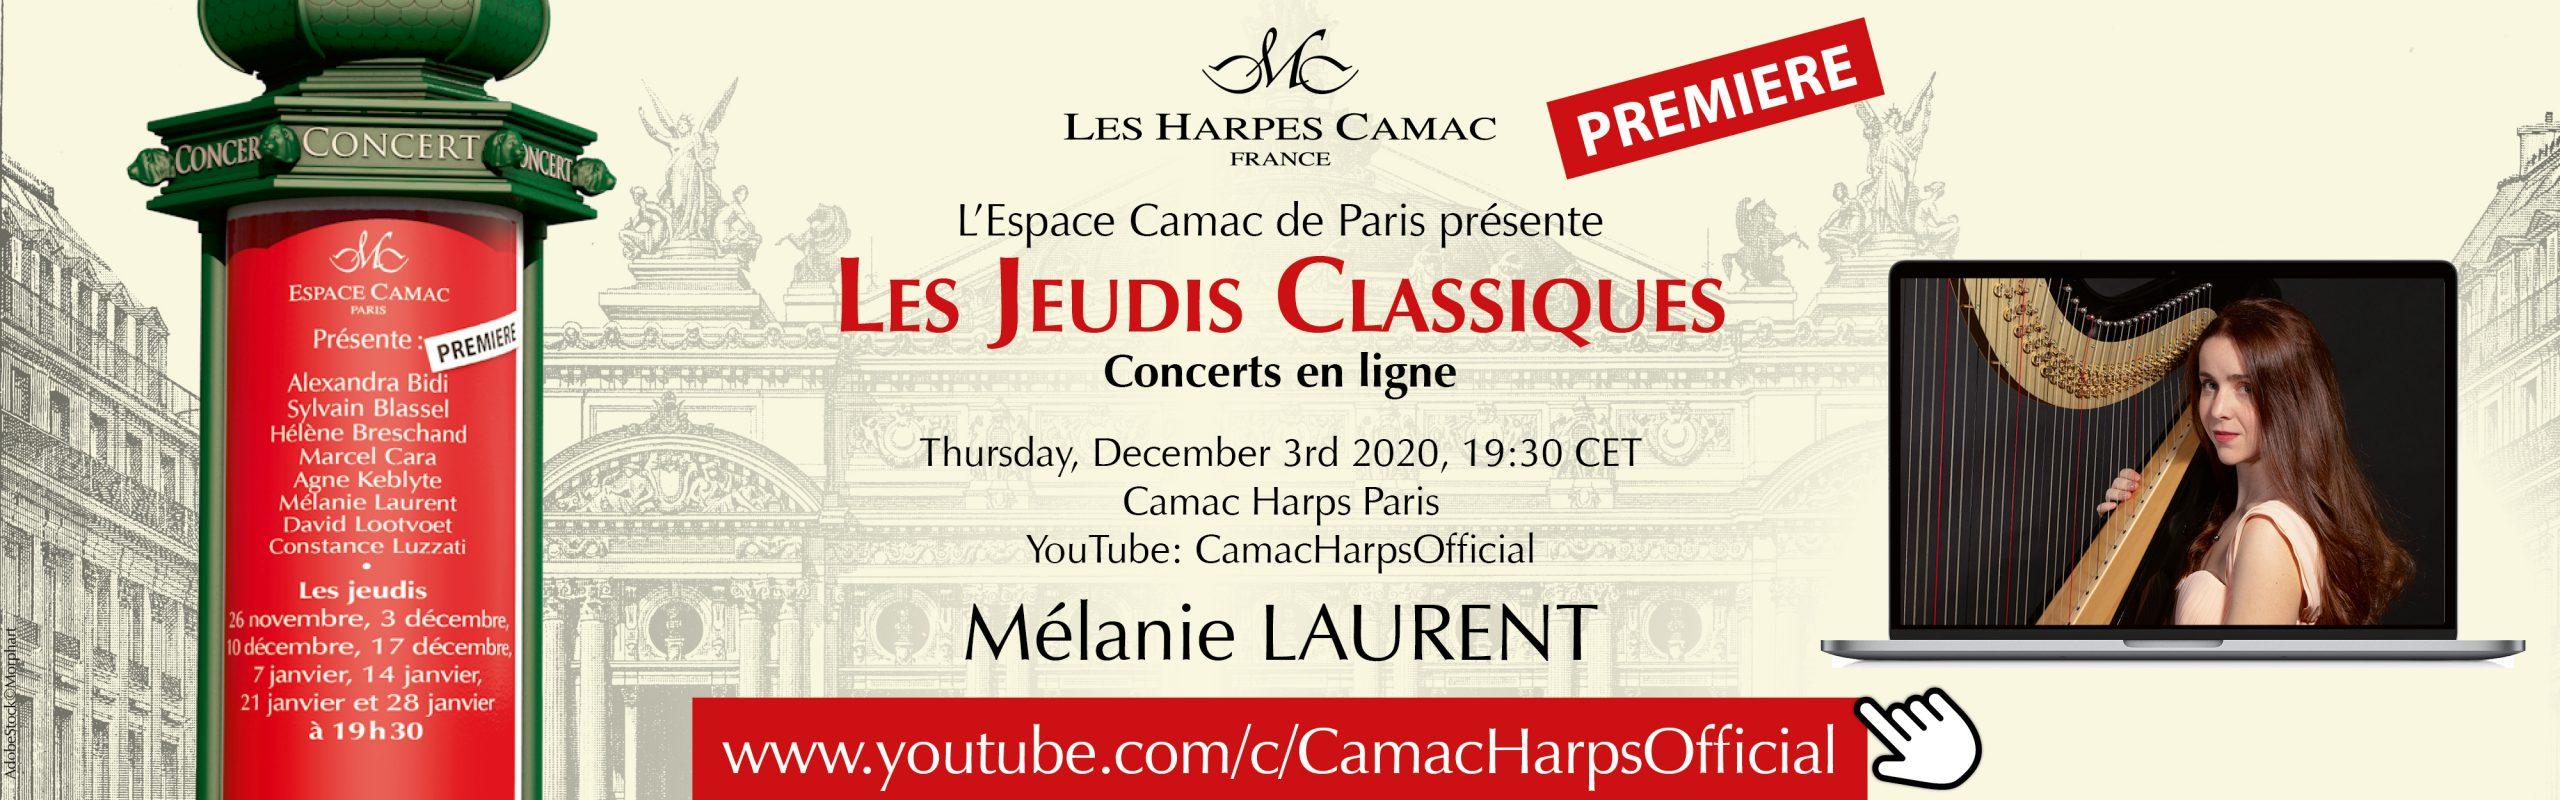 Les Jeudis Classiques: Mélanie LAURENT